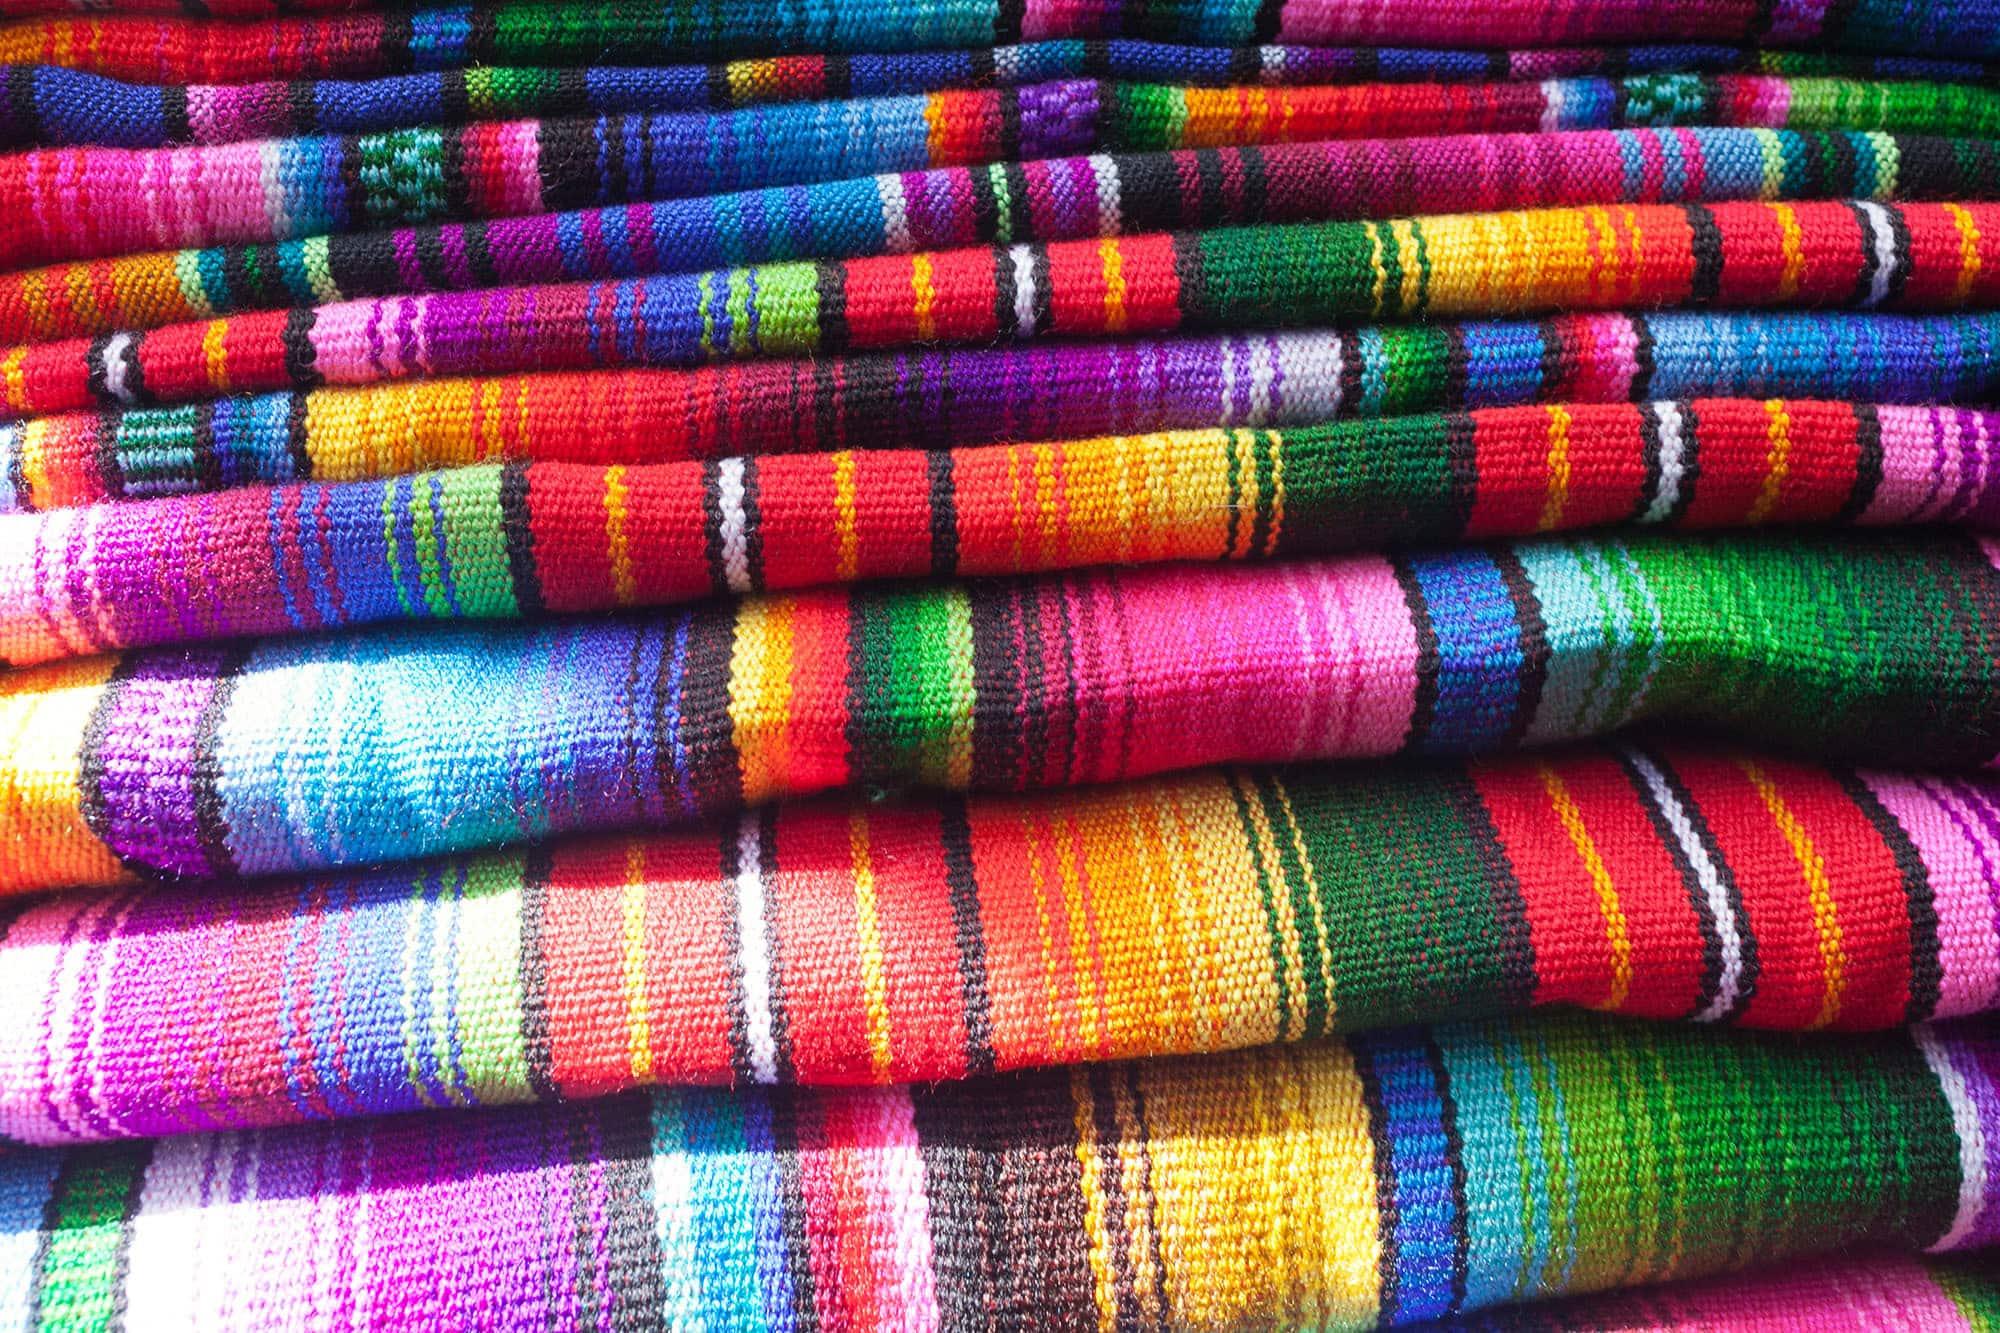 Guatemalan Blankets at Chichicastenango, Guatemala